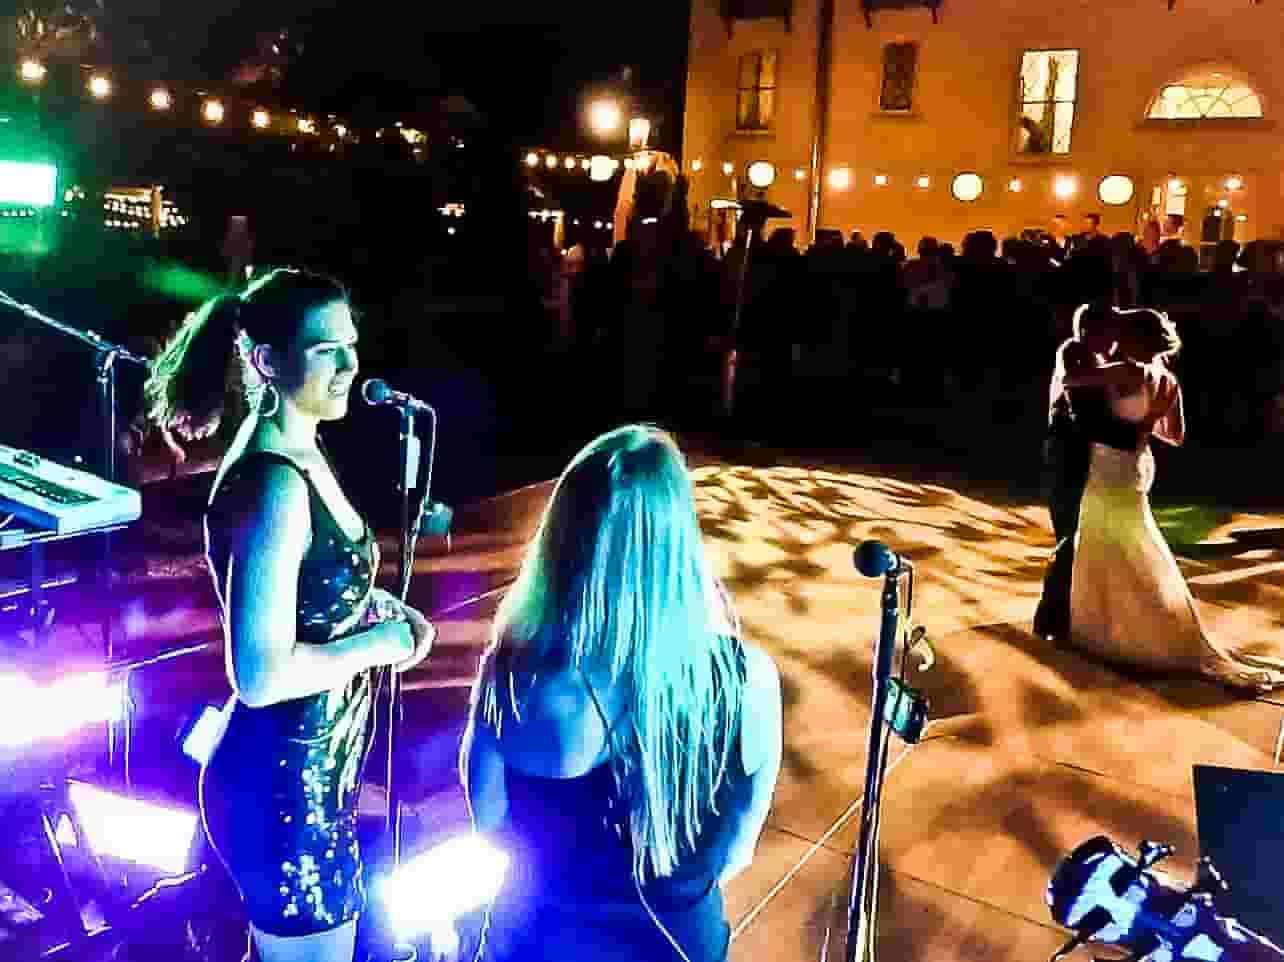 Bride and Groom dancing at a San Antonio wedding reception